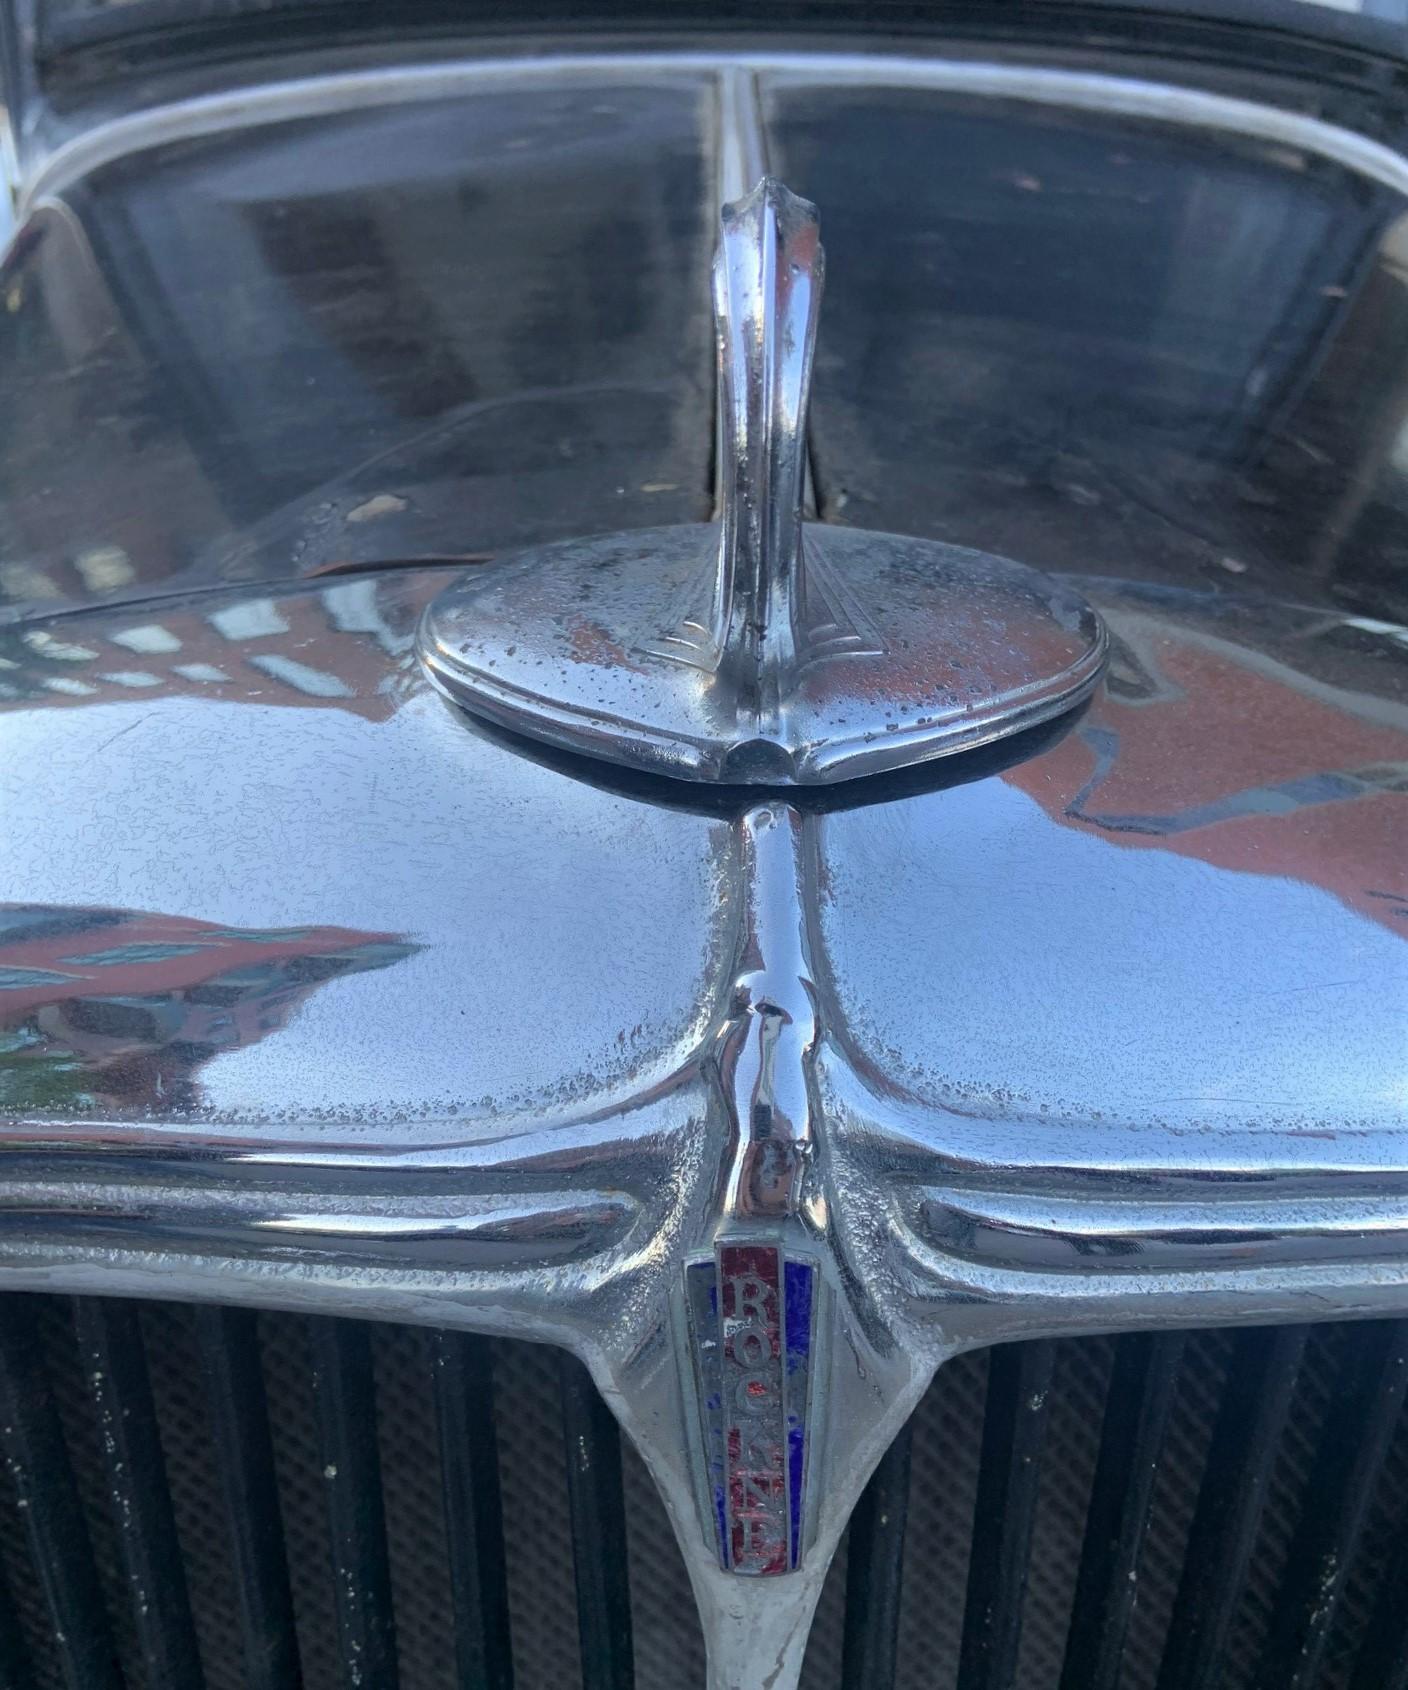 1932 Rockne - close-up front Rockne logo